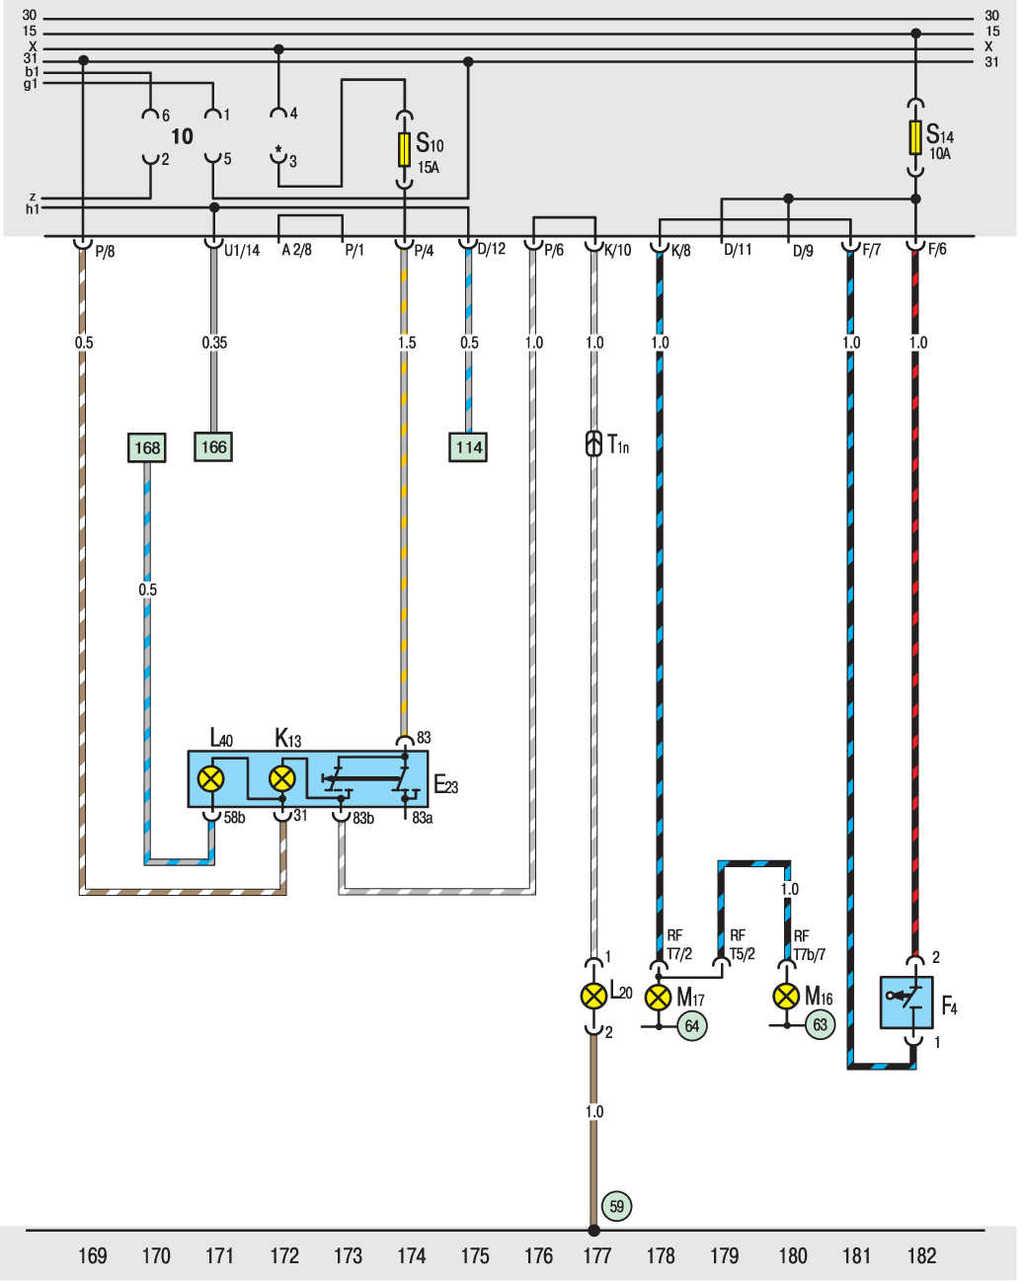 инструкция по эксплуатации фольксваген транспортер т5 скачать бесплатно